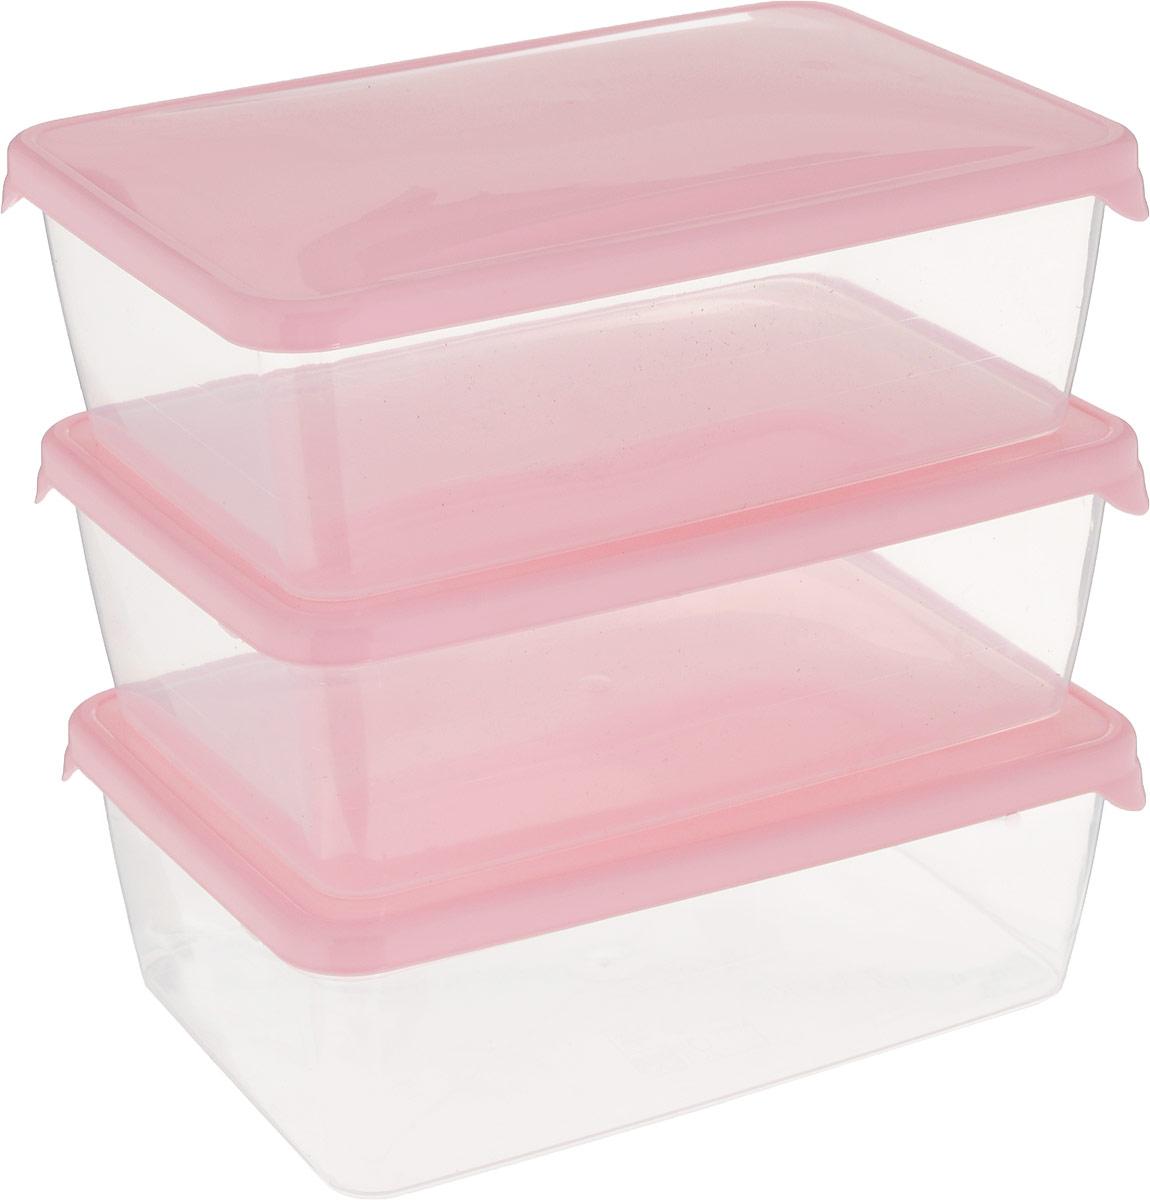 Комплект емкостей для продуктов Giaretti Браво, цвет: прозрачный, розовый, 1,35 л, 3 штGR1044_розовыйКомплект емкостей для продуктов Giaretti Браво состоит из 3 контейнеров. Емкости изготовлены из пищевого полипропилена и оснащены крышками, которые плотно закрываются, дольше сохраняя продукты свежими. Боковые стенки прозрачные, что позволяет видеть содержимое.Емкости идеально подходят для хранения пищи, фруктов, ягод, овощей.Такой комплект пригодится в любом хозяйстве. Легкие емкости одинаково удобно взять с собой или хранить продукты дома, замораживать ягоды и овощи небольшими порциями. Тонкий, но вместе с тем прочный пластик обеспечивает надежность изделий.